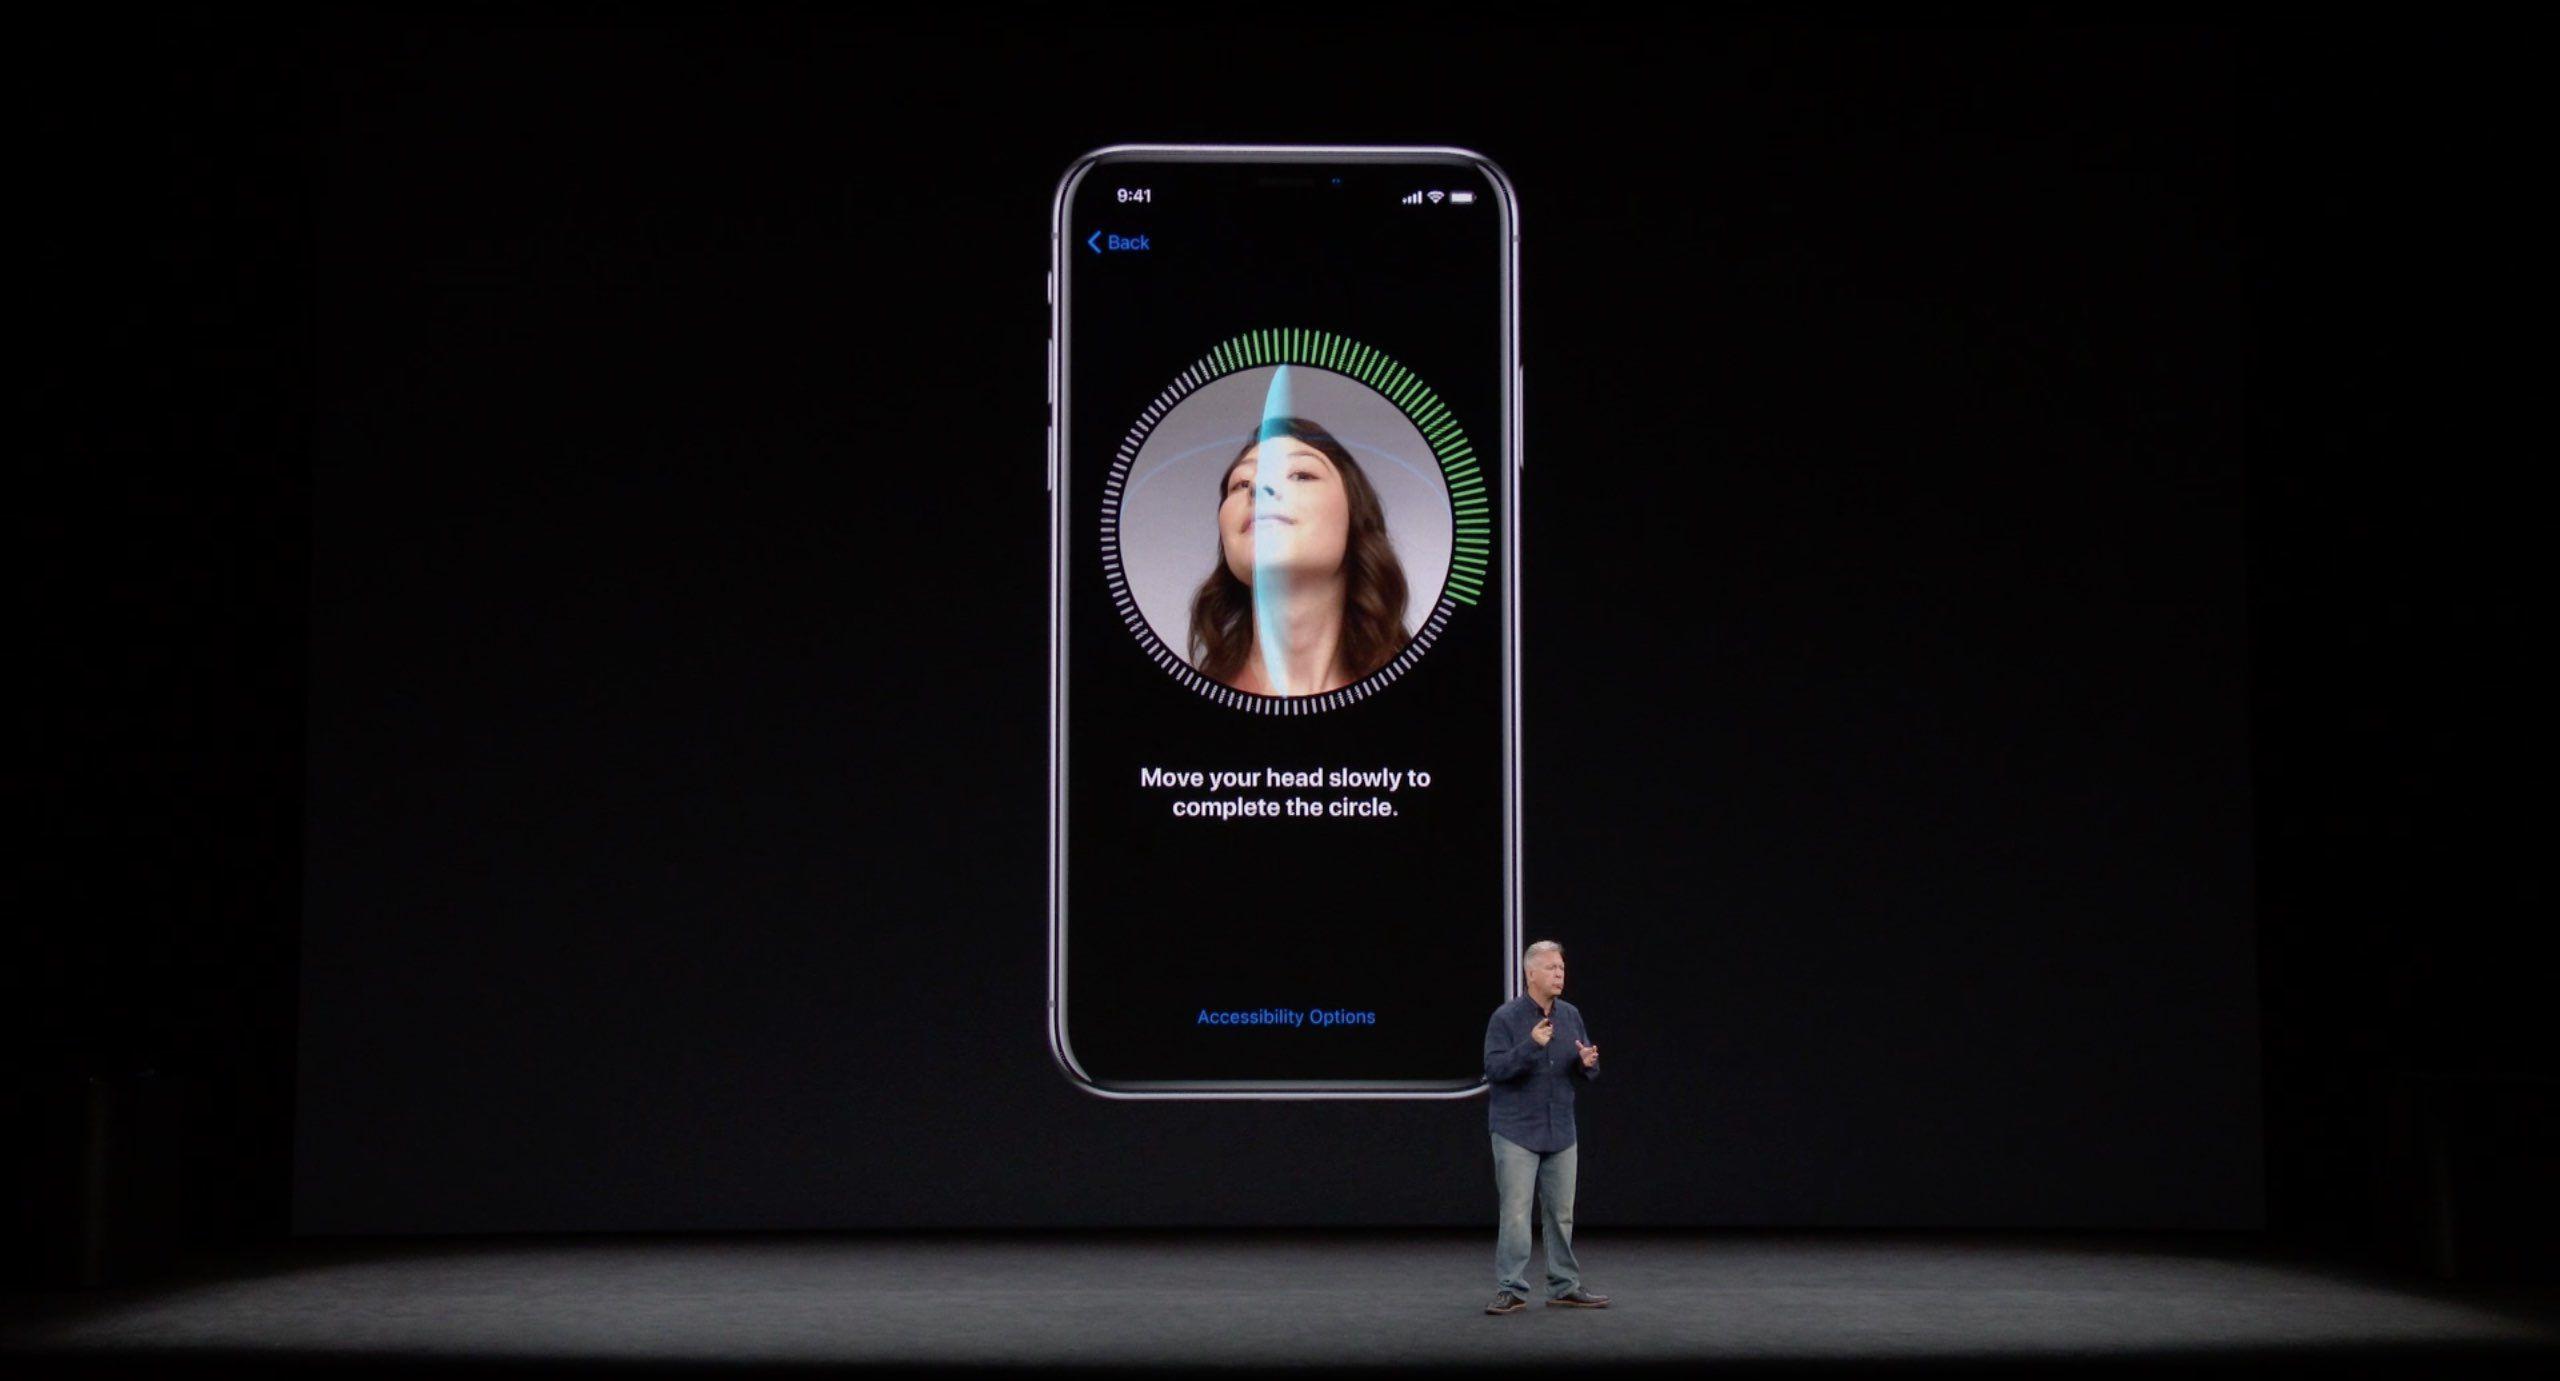 IPad Pro potrebbe essere il prossimo dispositivo Apple ad utilizzare Face ID